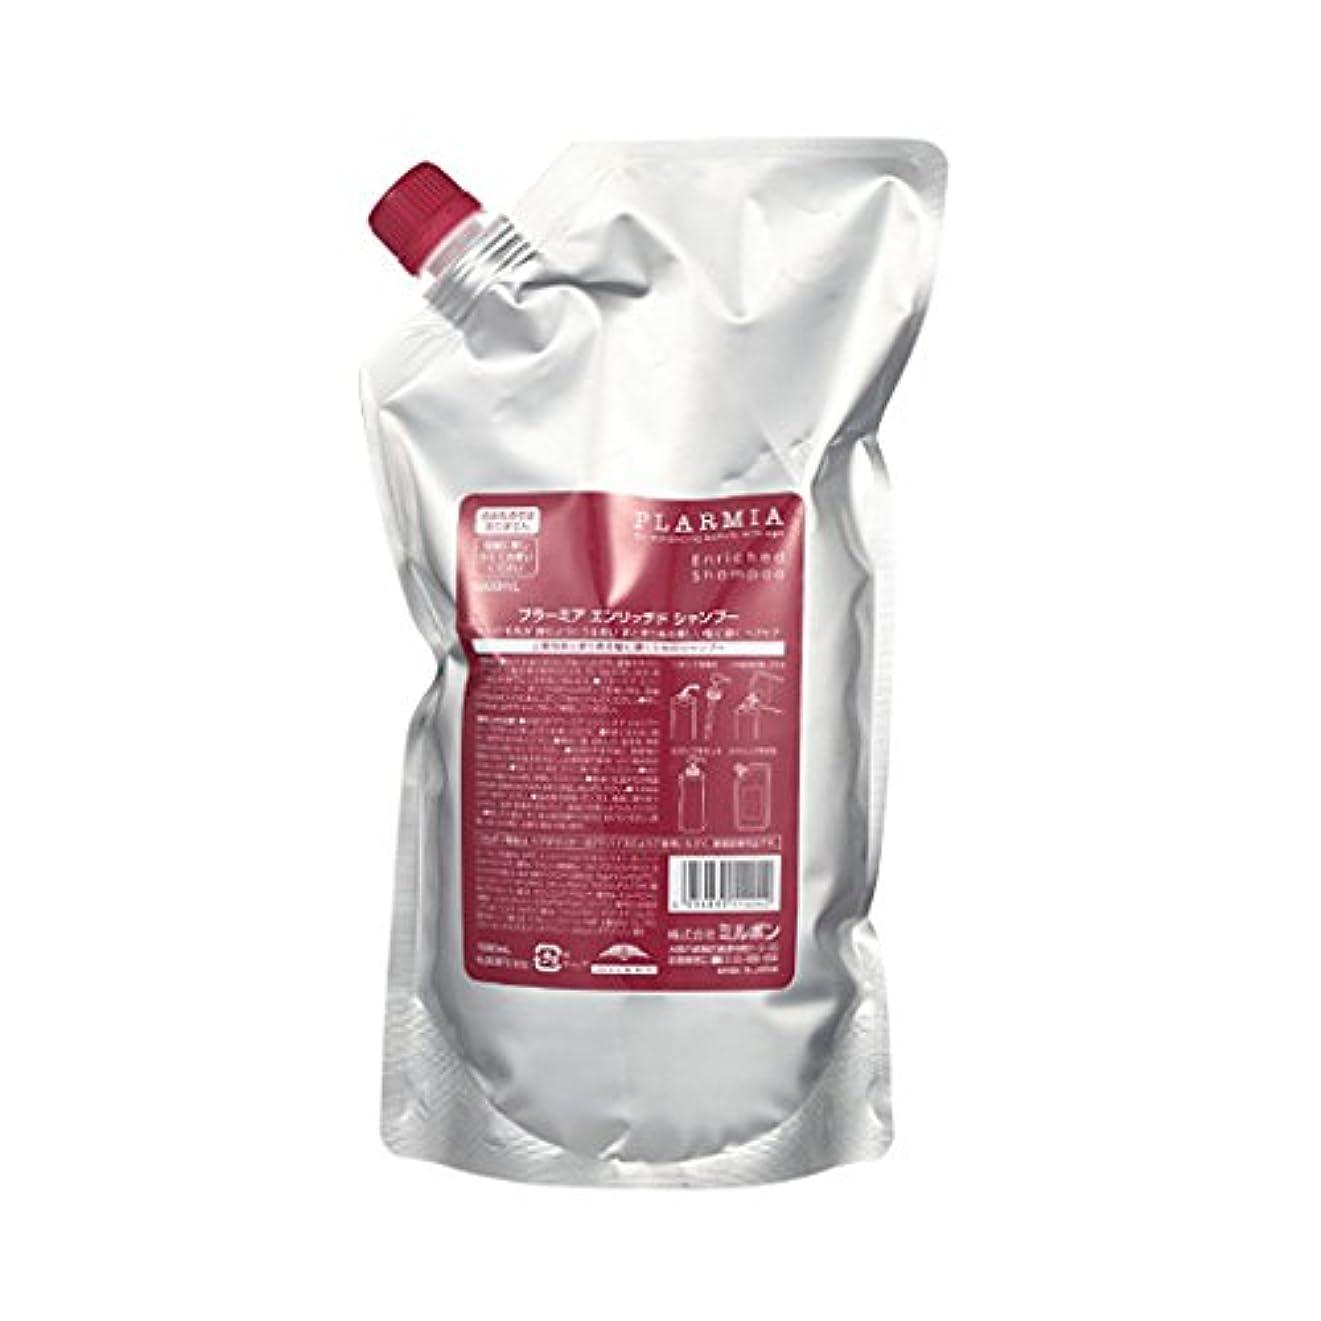 不十分な調停するミルボン プラーミア エンリッチド シャンプー (1000mlパック) 詰替用